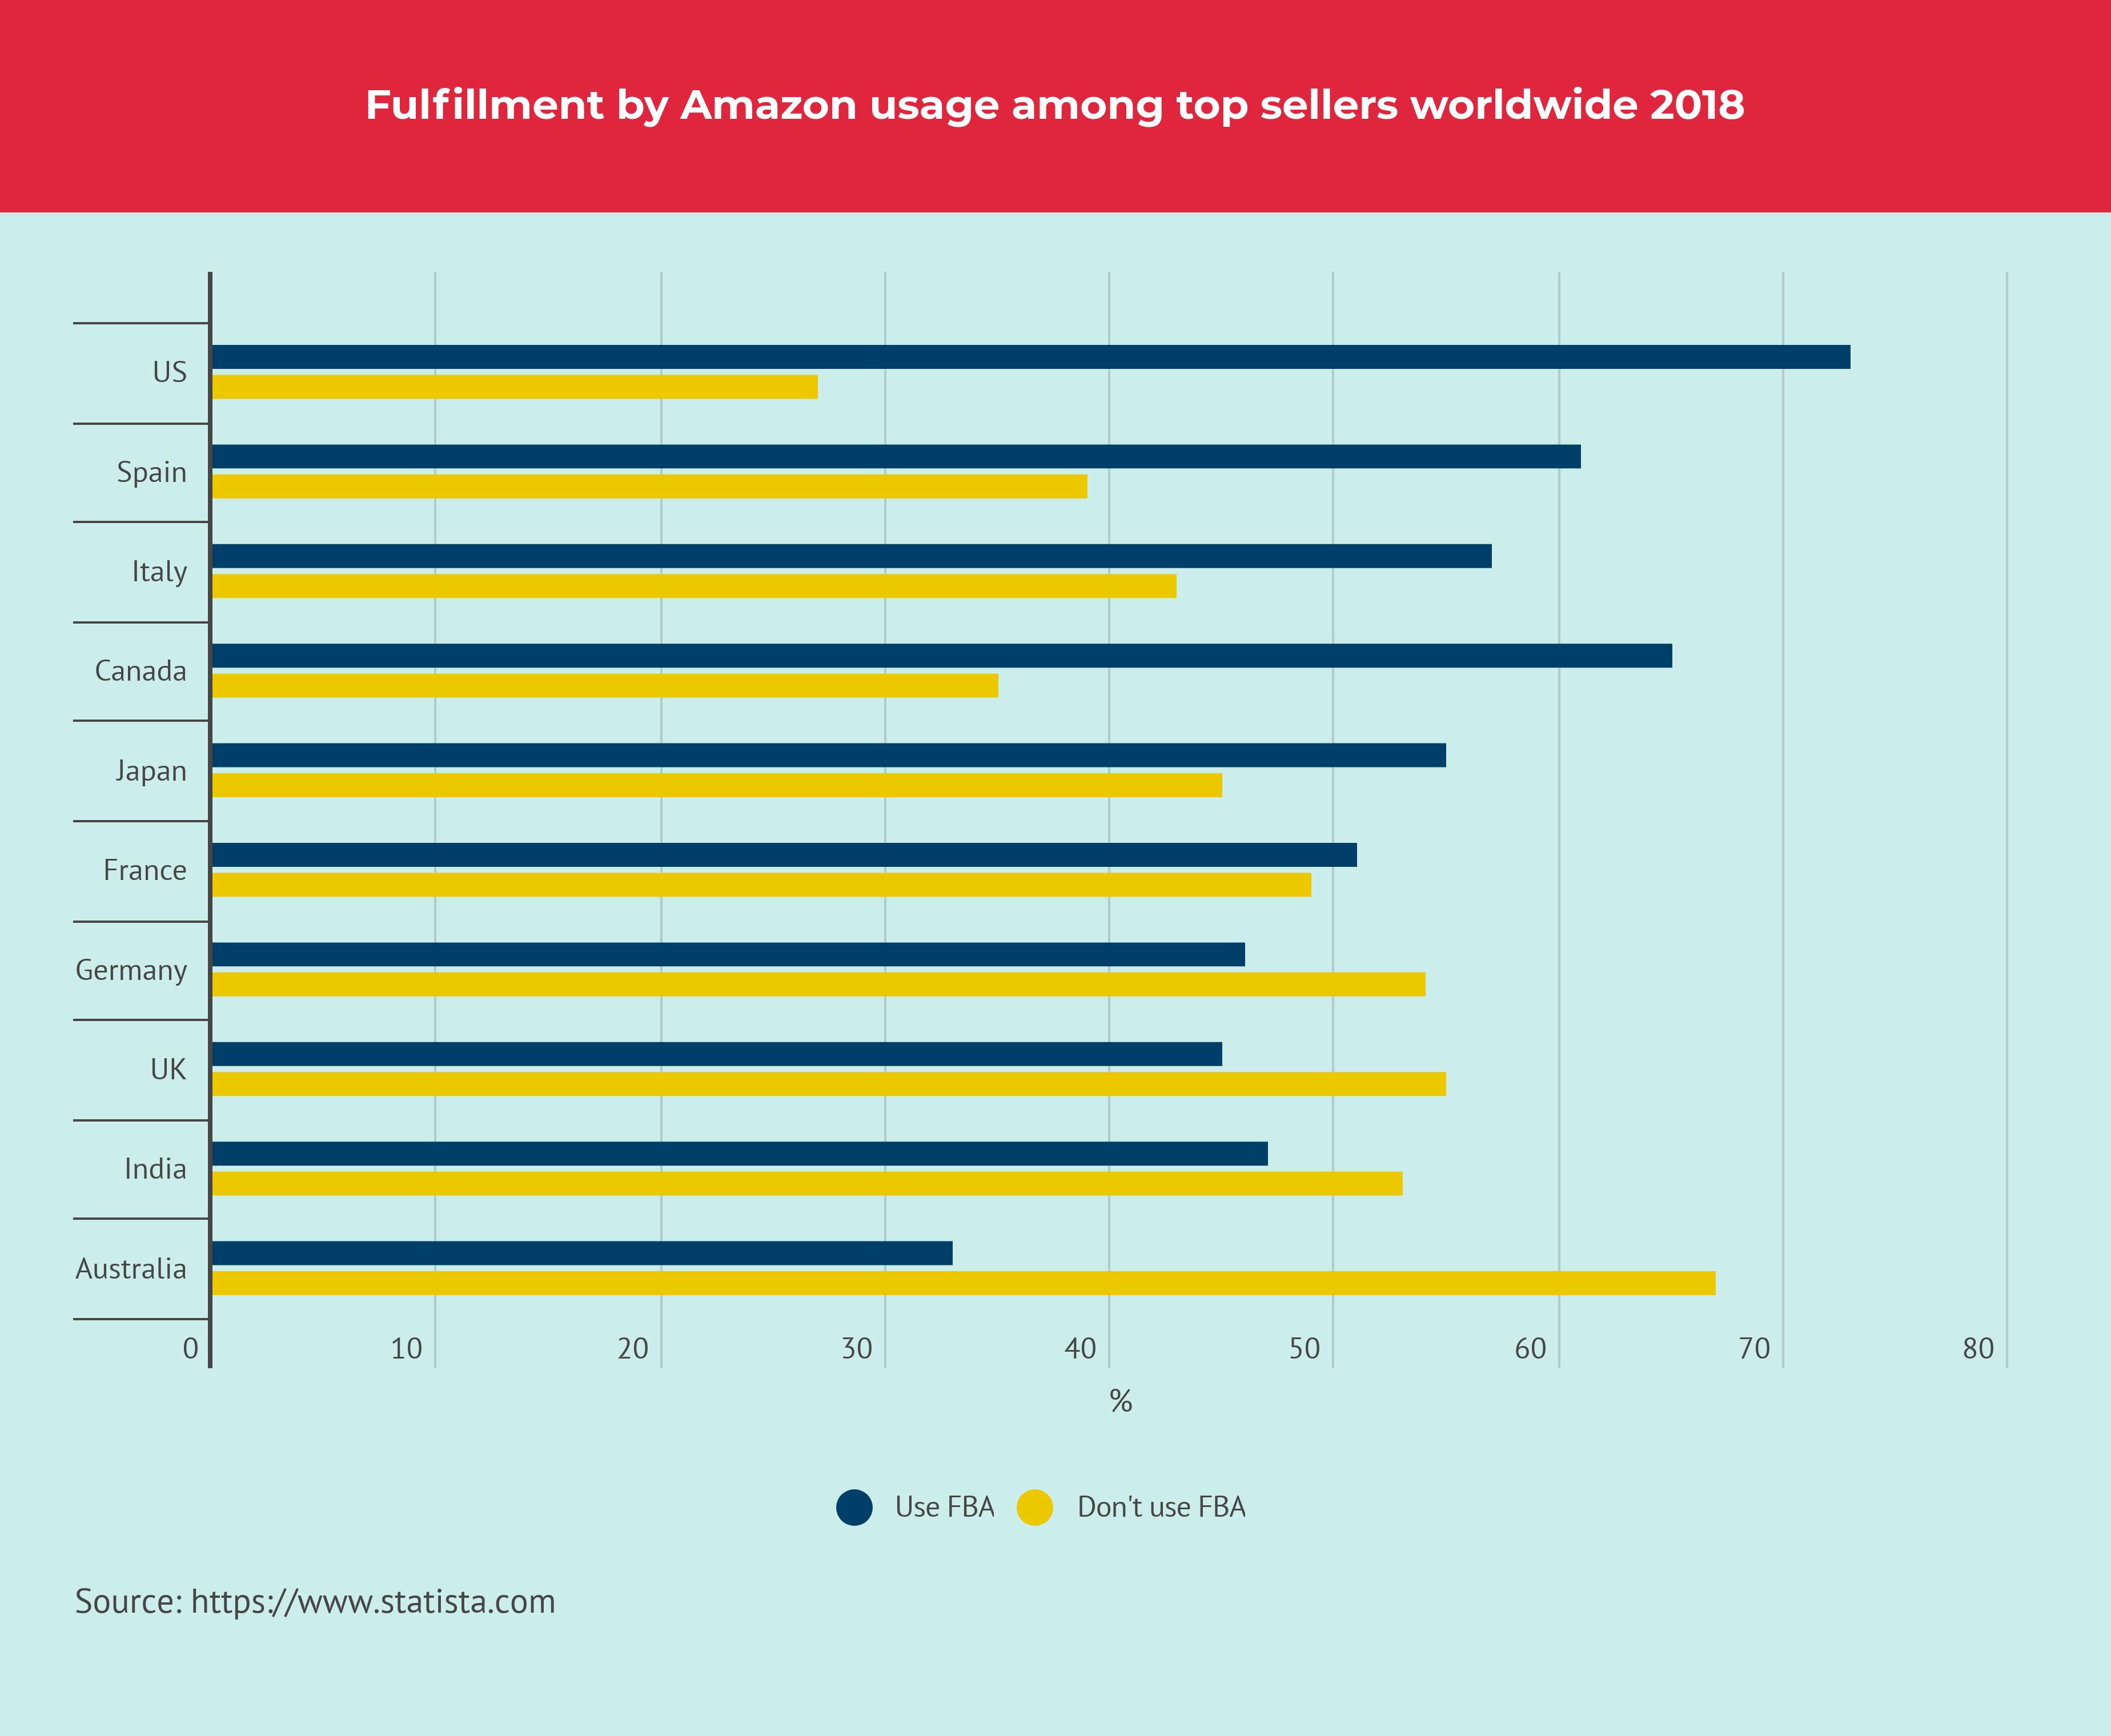 FBA Share Among Top Sellers